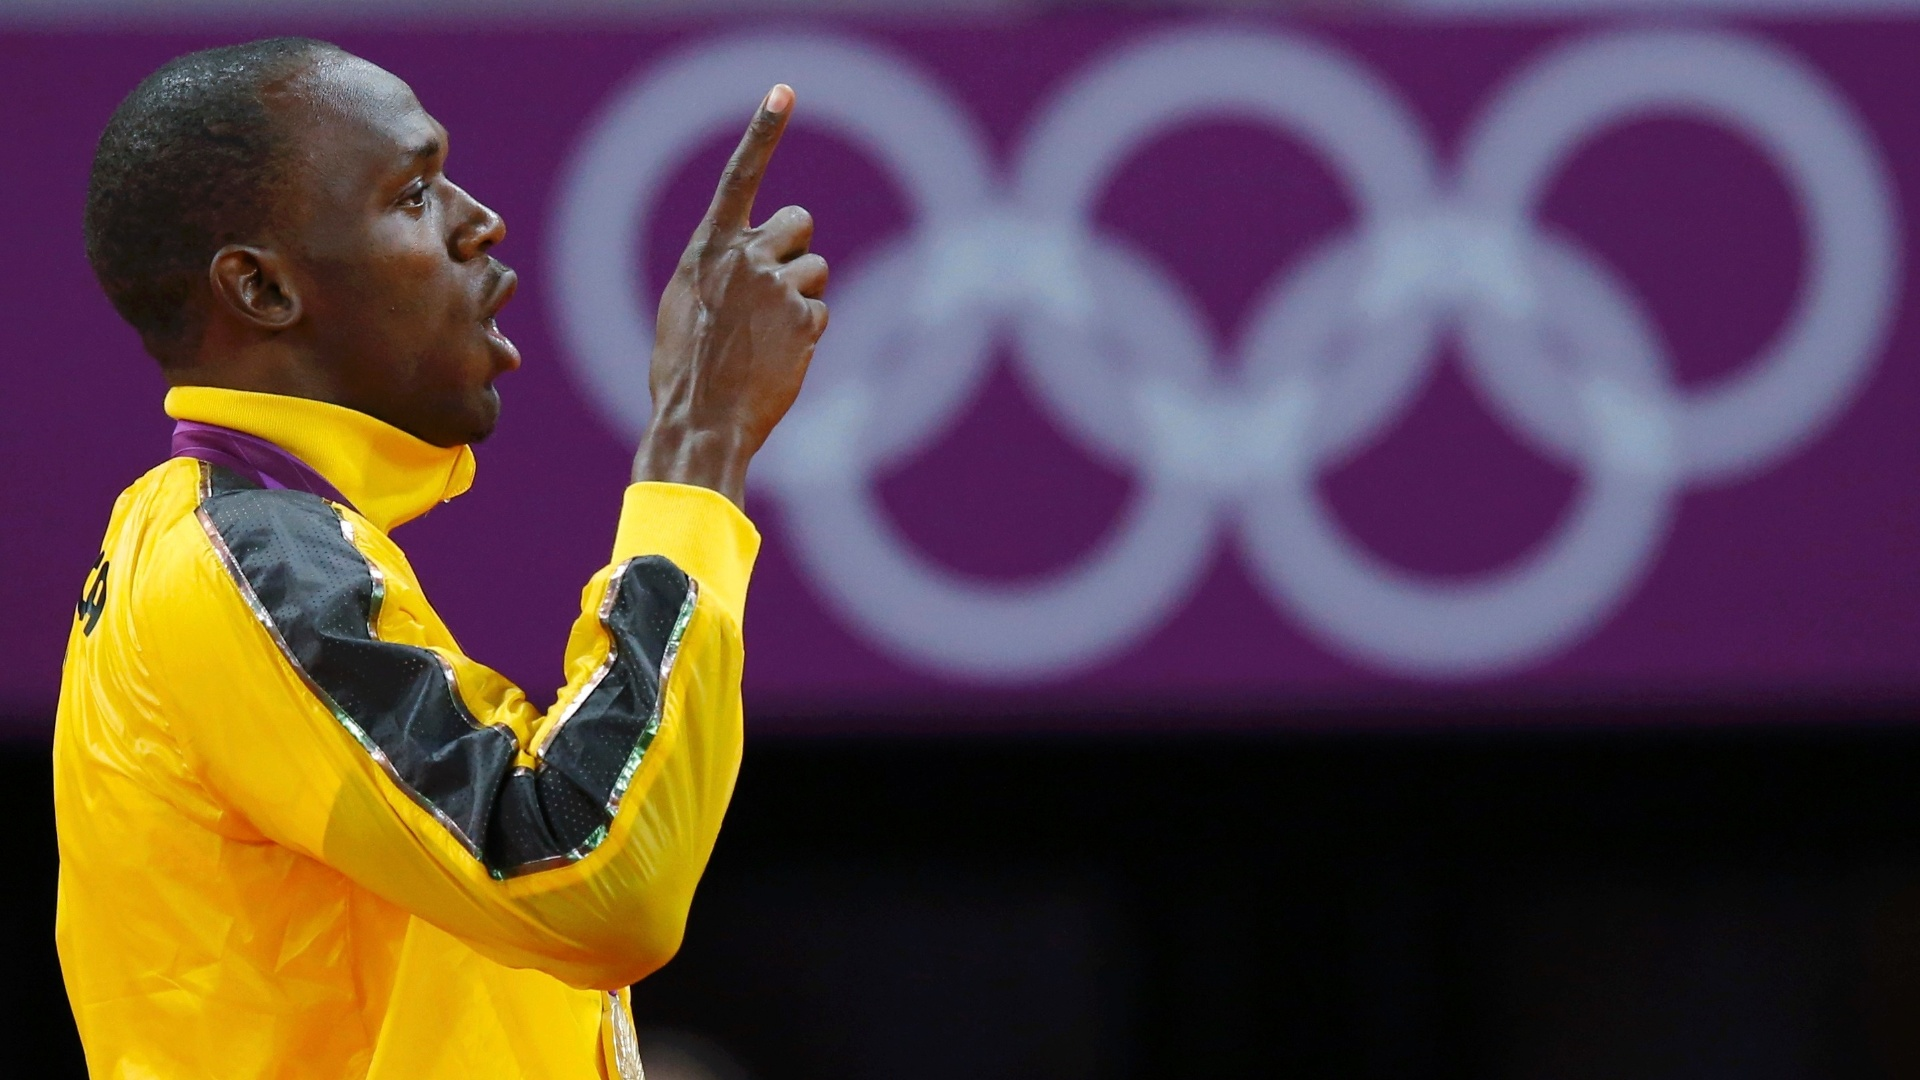 Bicampeão olímpico dos 100 m rasos, jamaicano Usain Bolt faz sinal de número 1